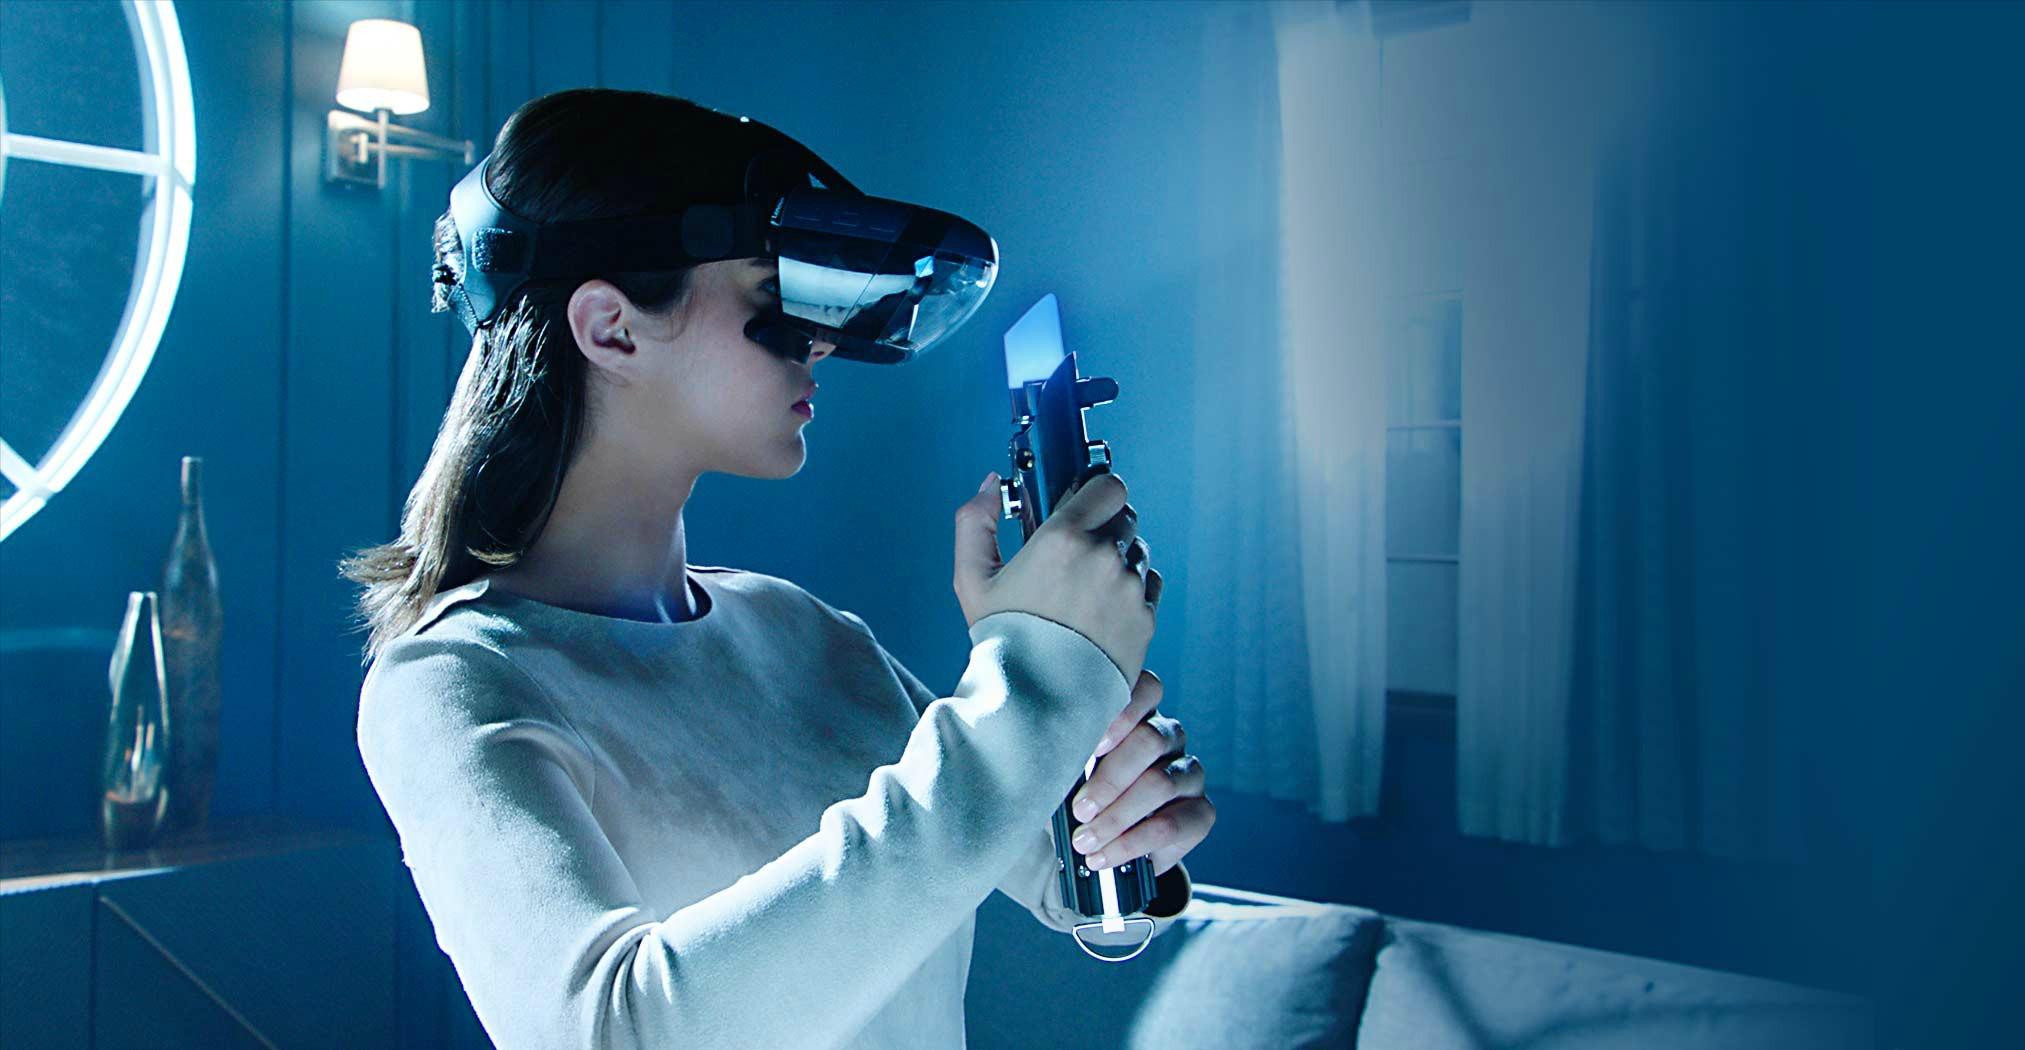 IGN:《星球大战:绝地挑战》让全息技术成为现实